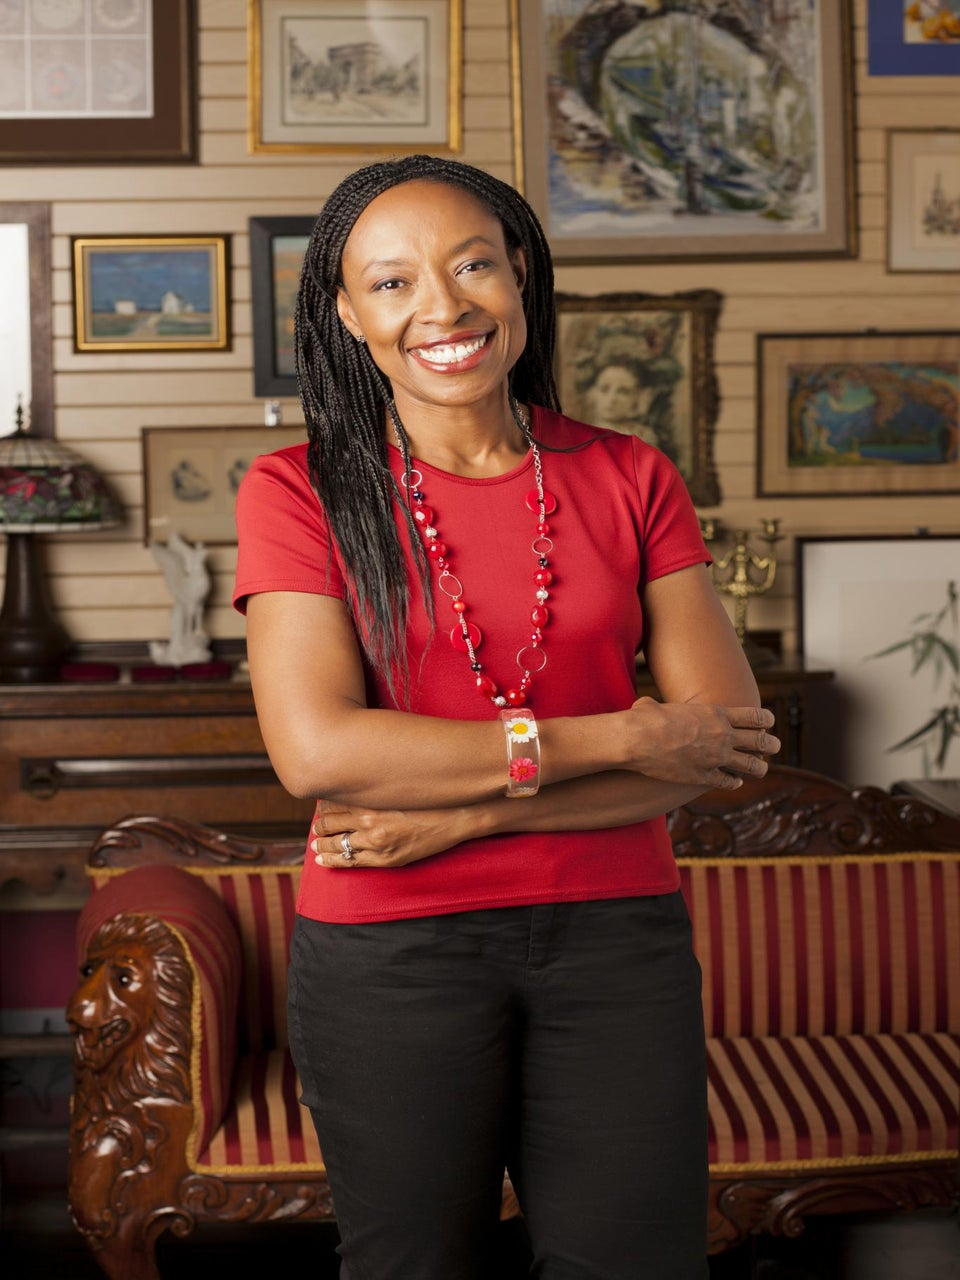 Meet Bene Raia, PBS' New African-American Antiques Expert